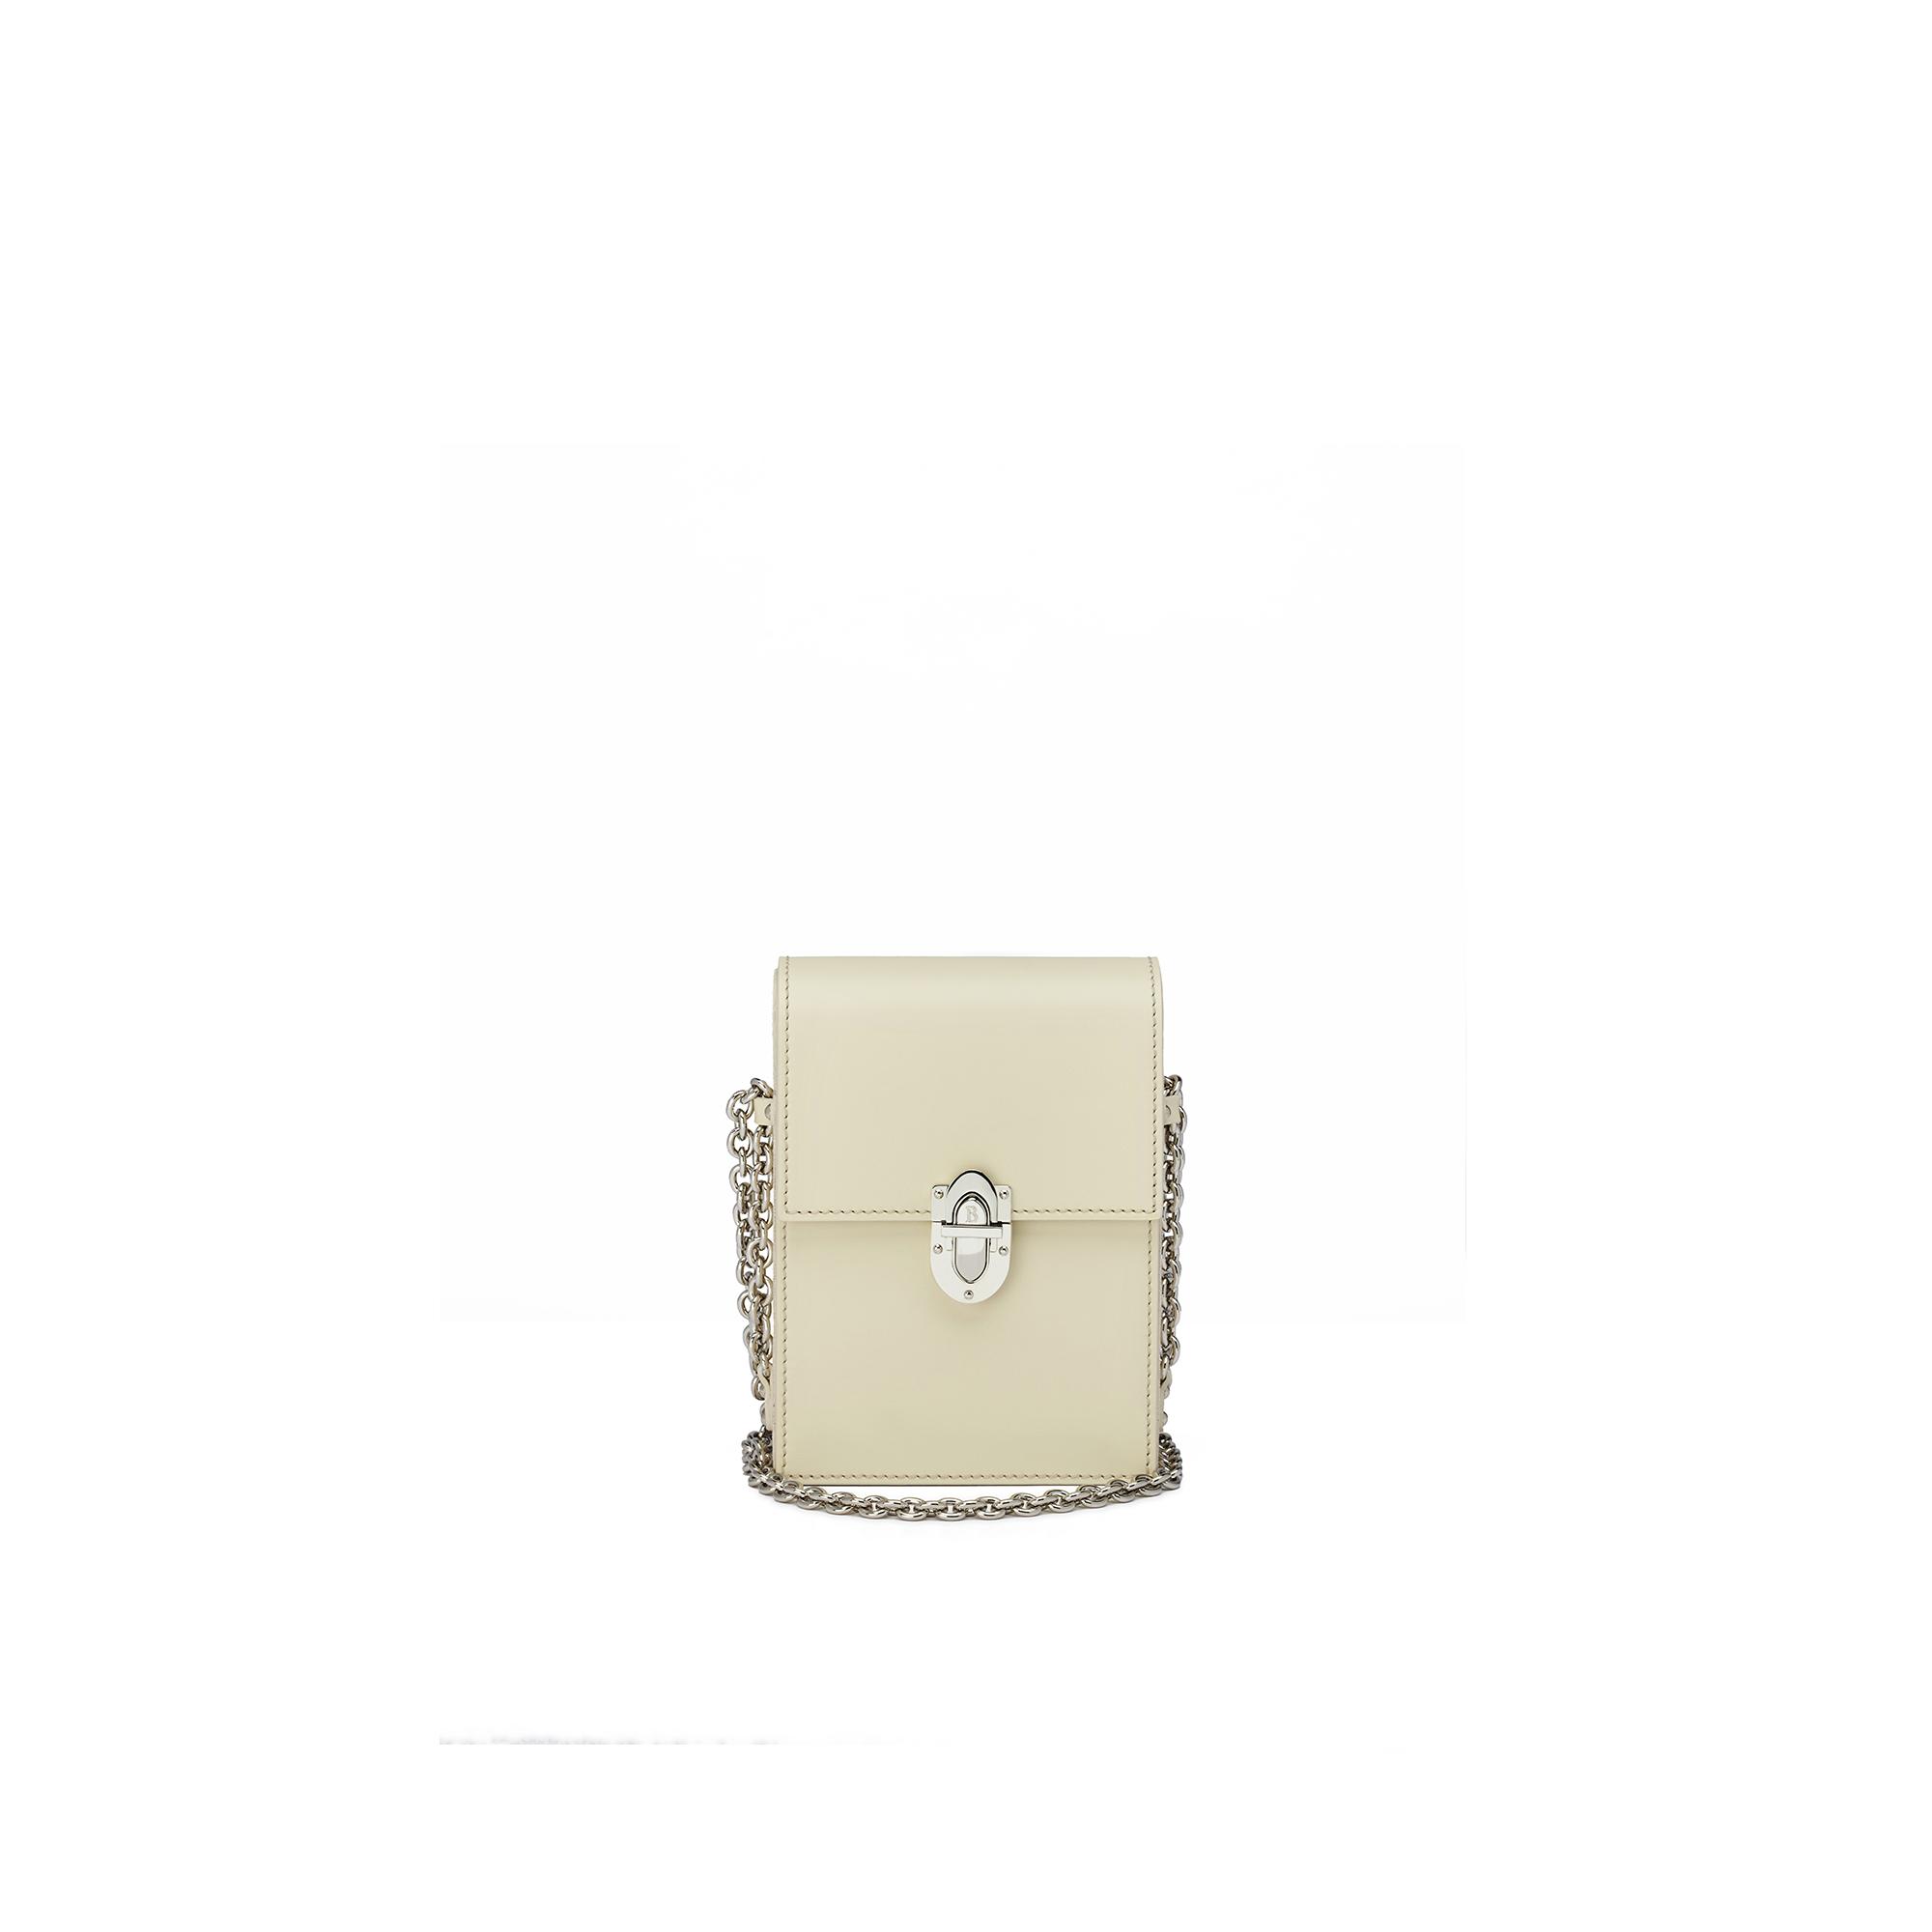 Mini-Gigi-ivory-french-calf-bag-Bertoni-1949